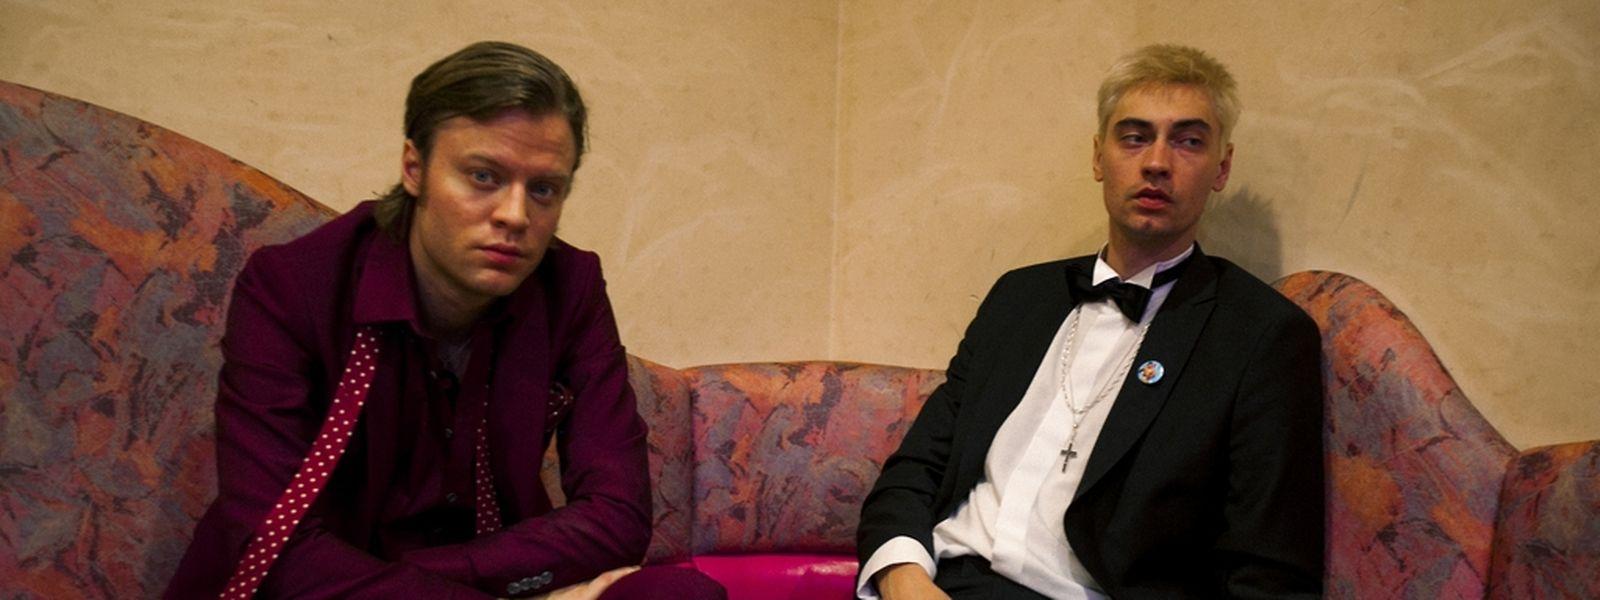 Björn Dixgård (l.) und  Gustaf Norén (r.) haben ihrem Sound einen neuen Dreh verpasst.